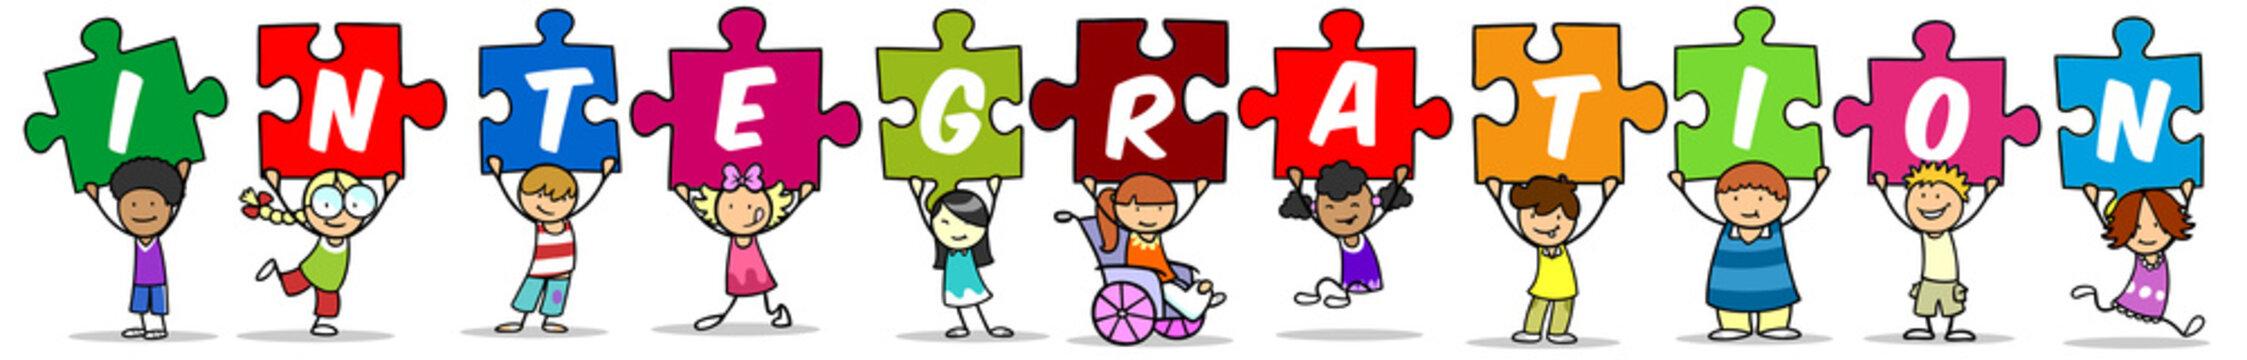 Gruppe Kinder zusammen als Integration Konzept